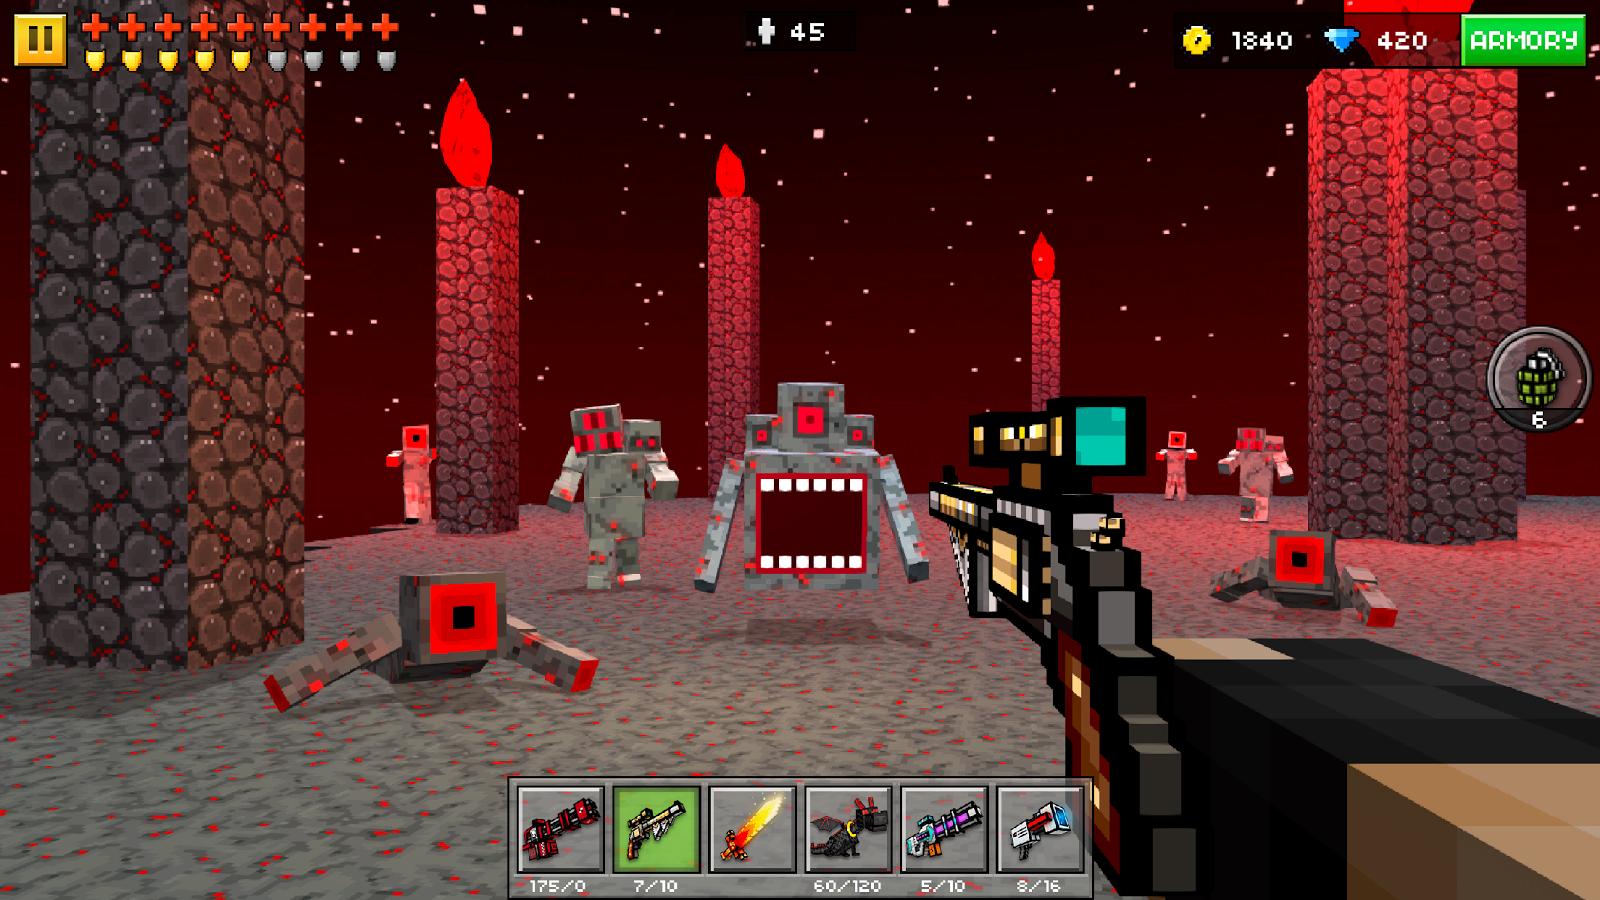 Скачать pixel gun взломанную версию